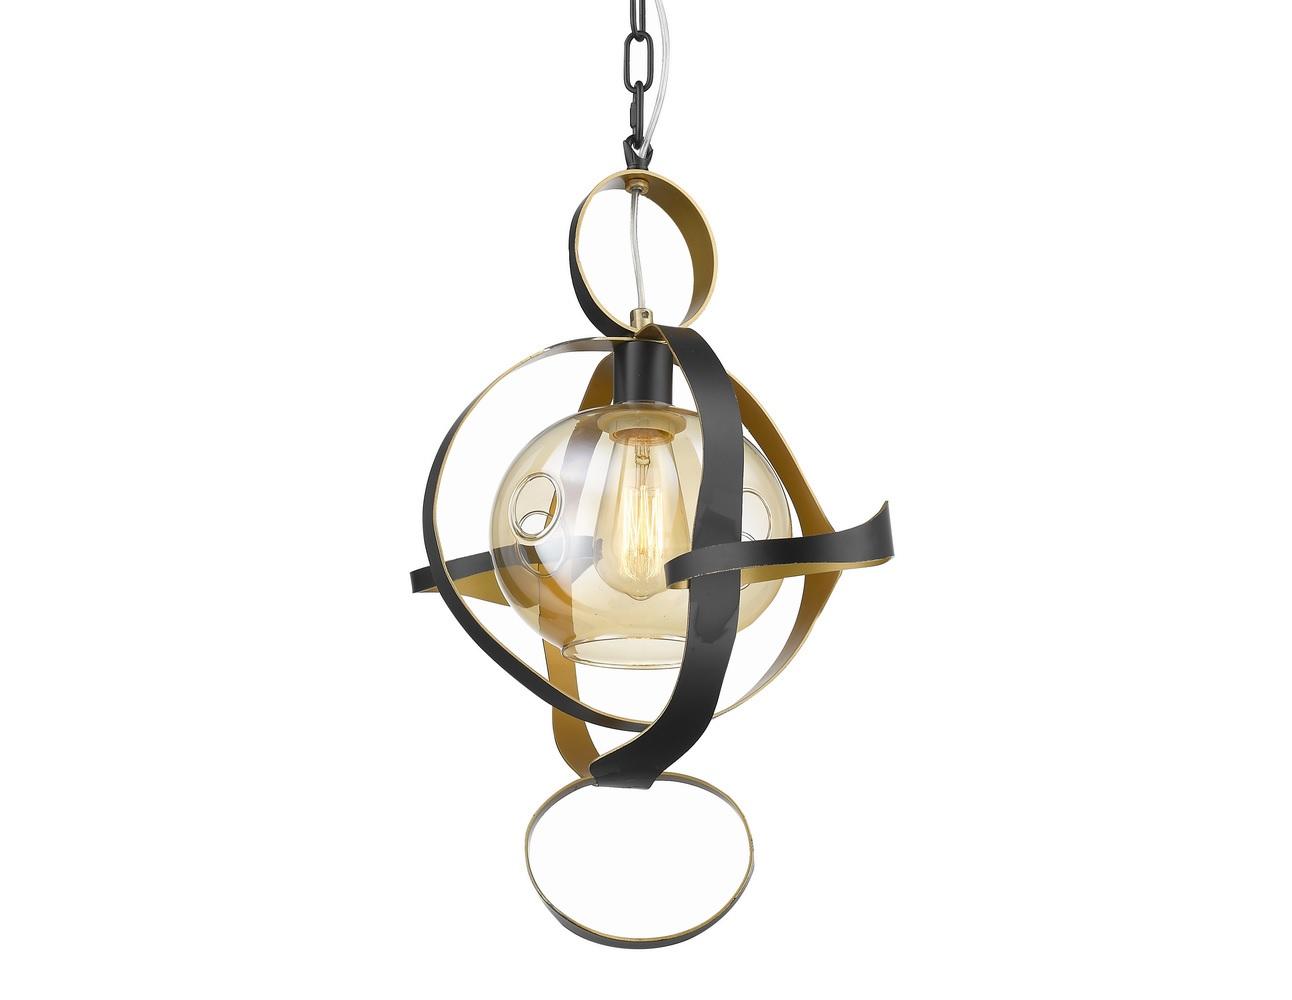 Подвесной светильник (delight collection) черный 50.0x150.0x50.0 см. фото